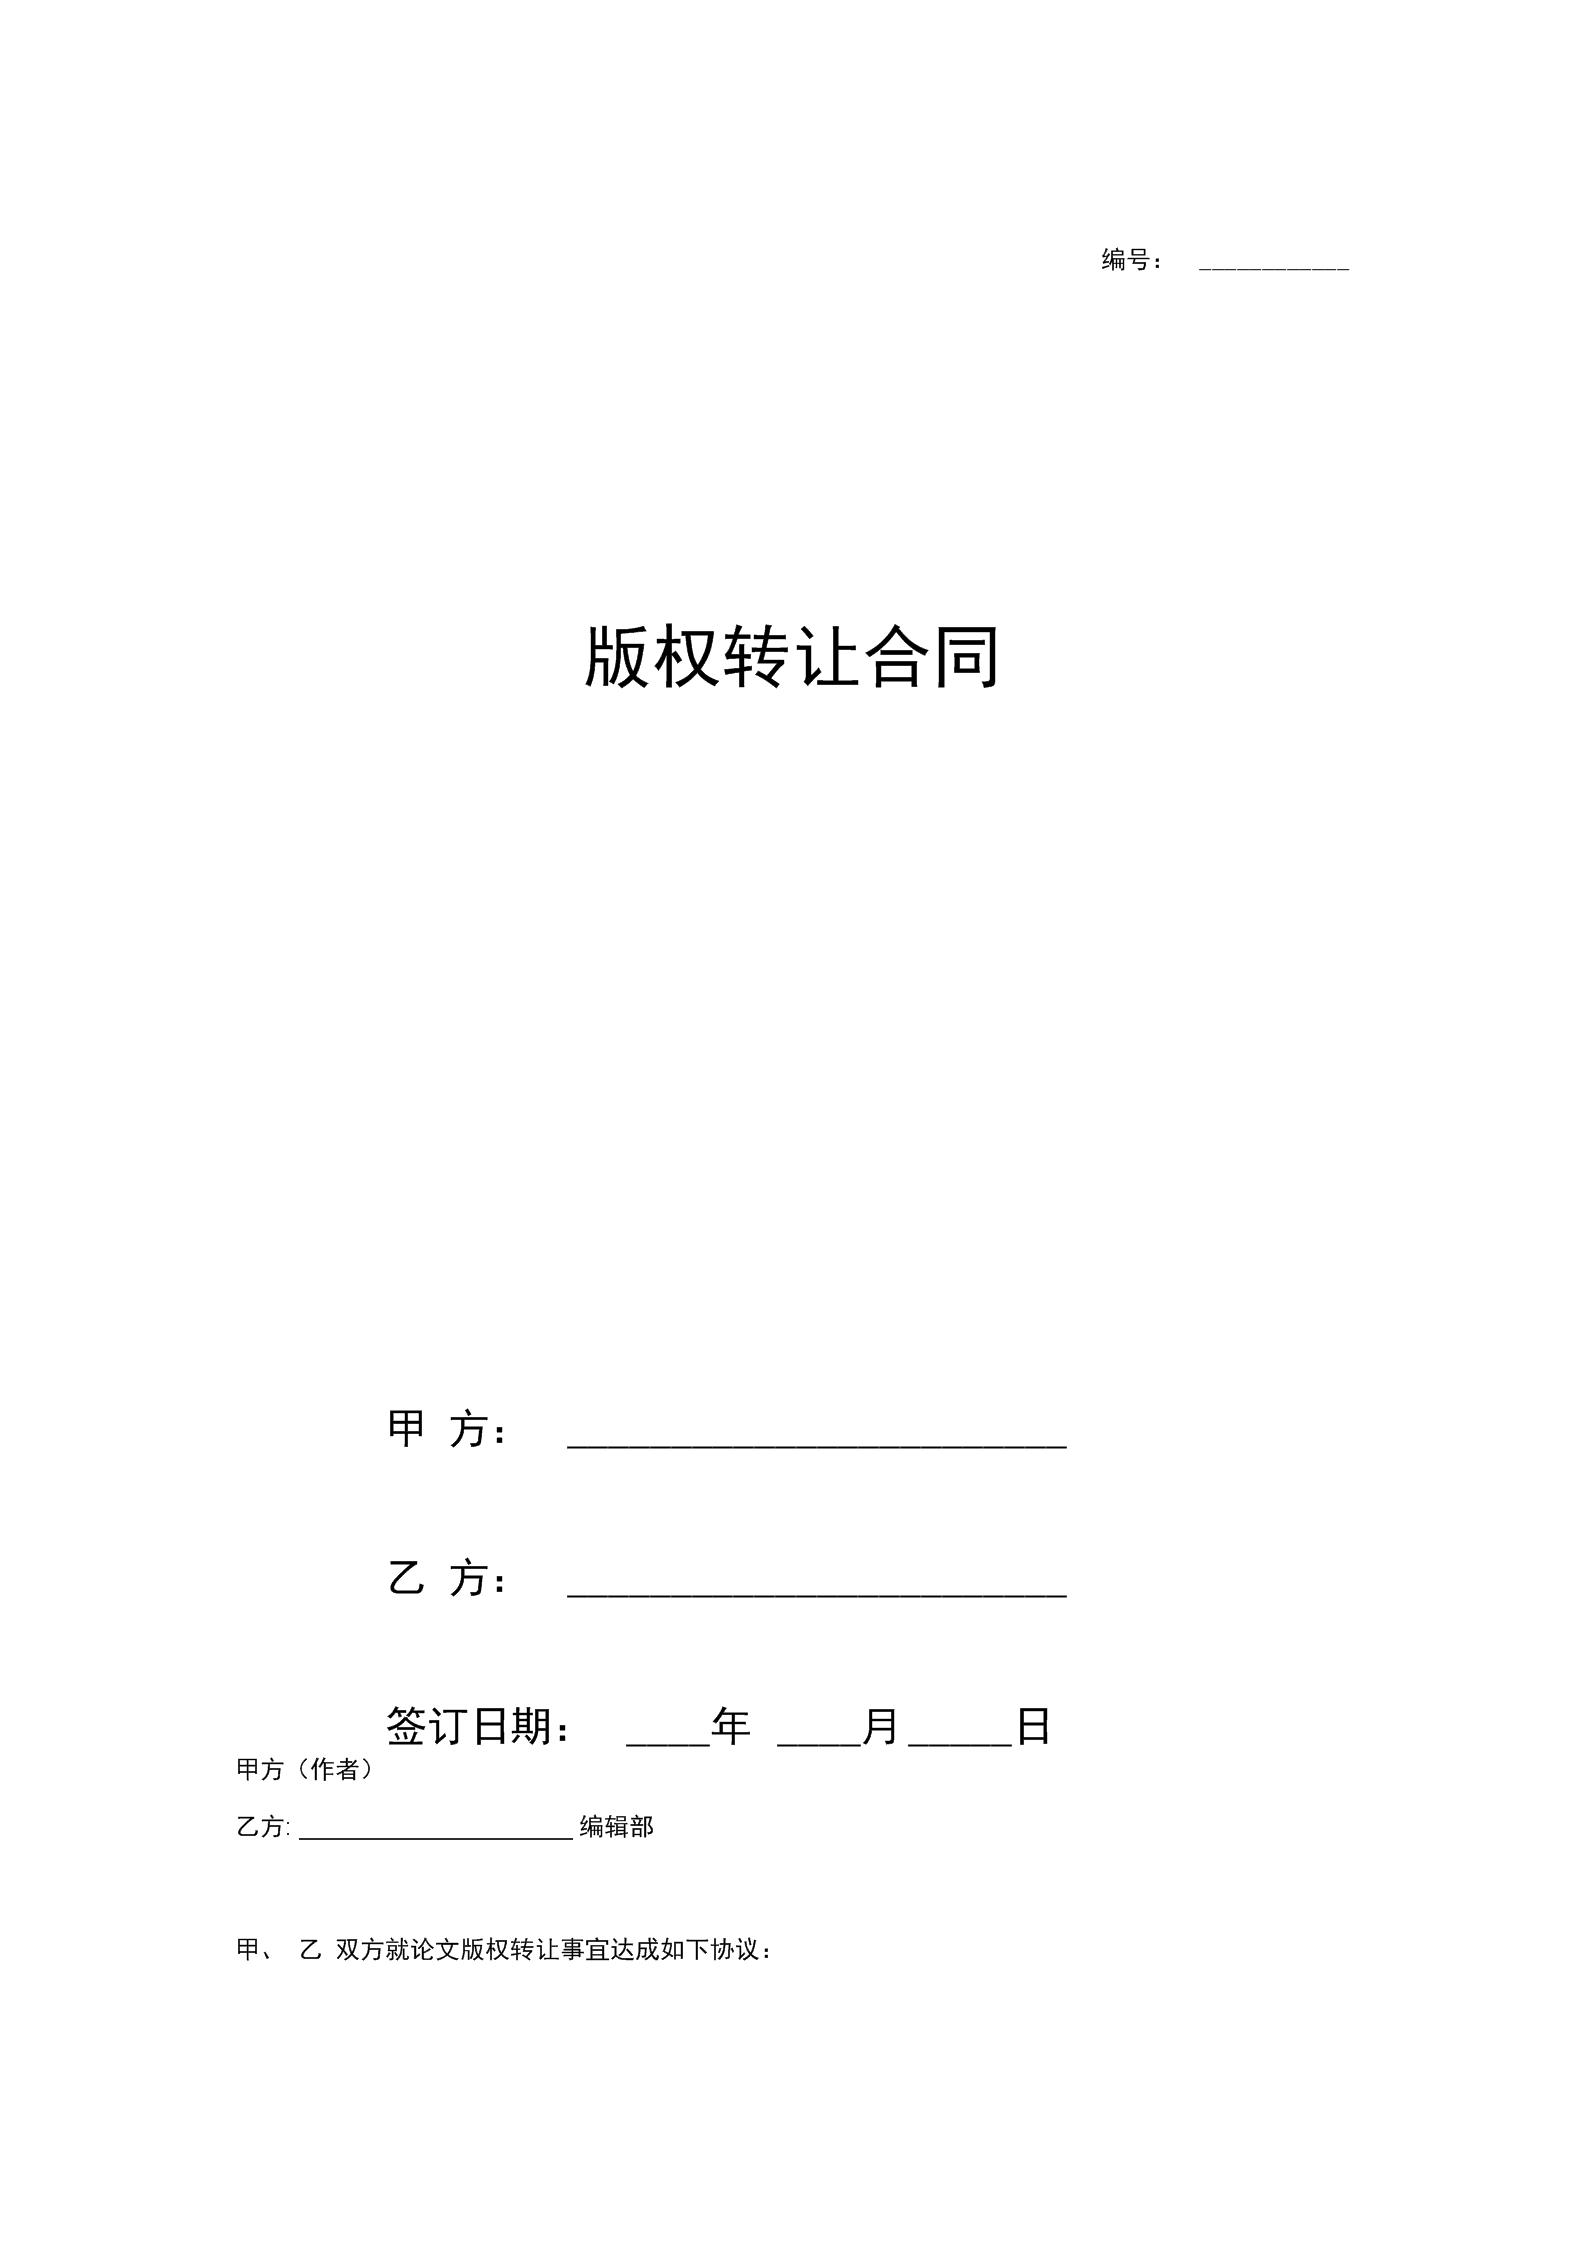 版权转让合同范本(论文).docx